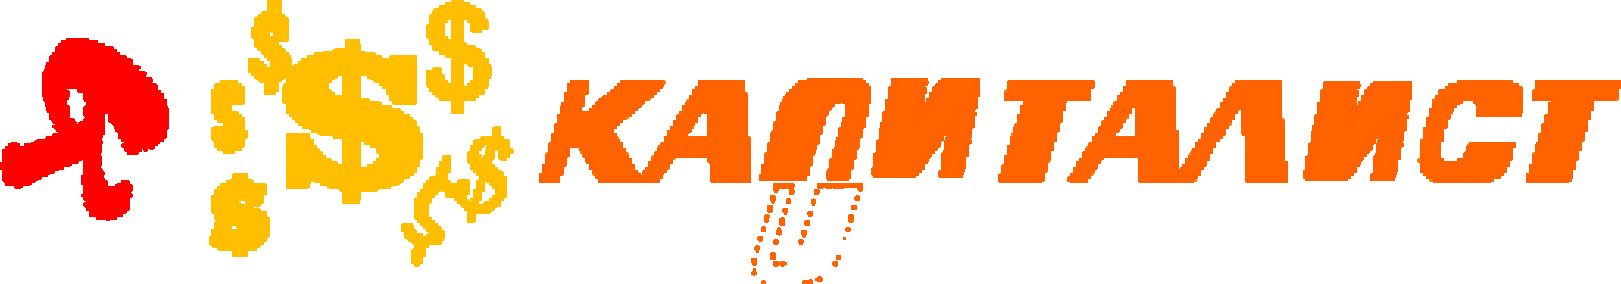 Я капиталист (лого для веб-сайта) - дизайнер Askar24